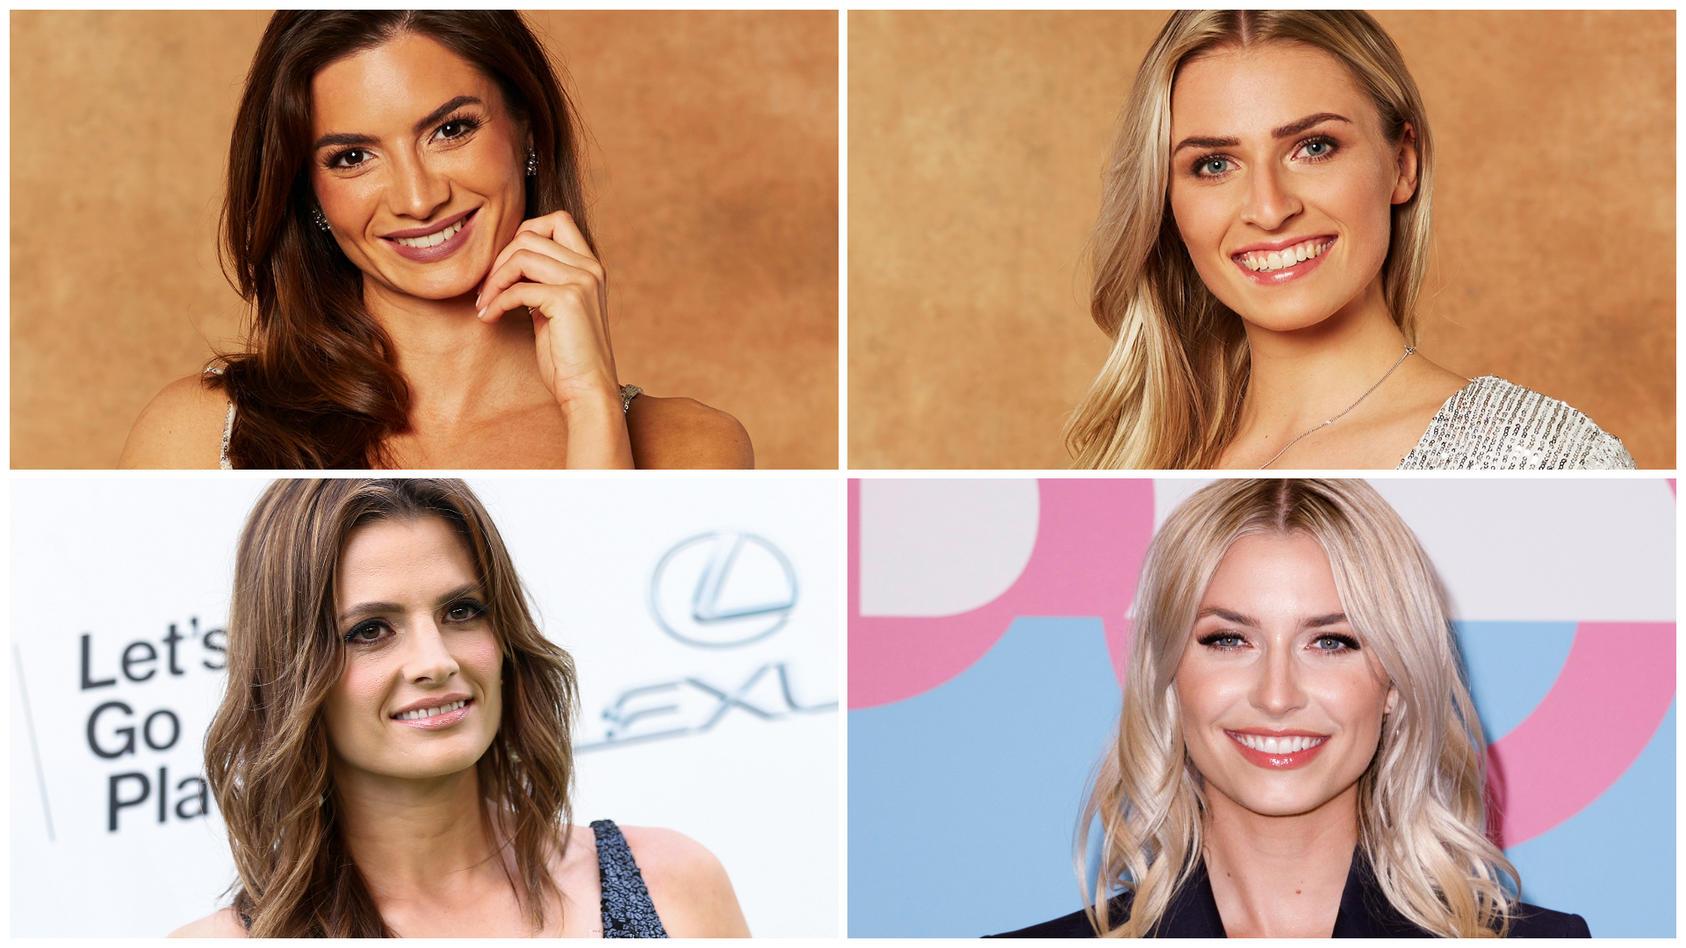 Eine gewisse Ähnlichkeit ist vorhanden, oder? Wir haben uns die prominenten Doppelgänger der Bachelor-Ladys genauer angeschaut.